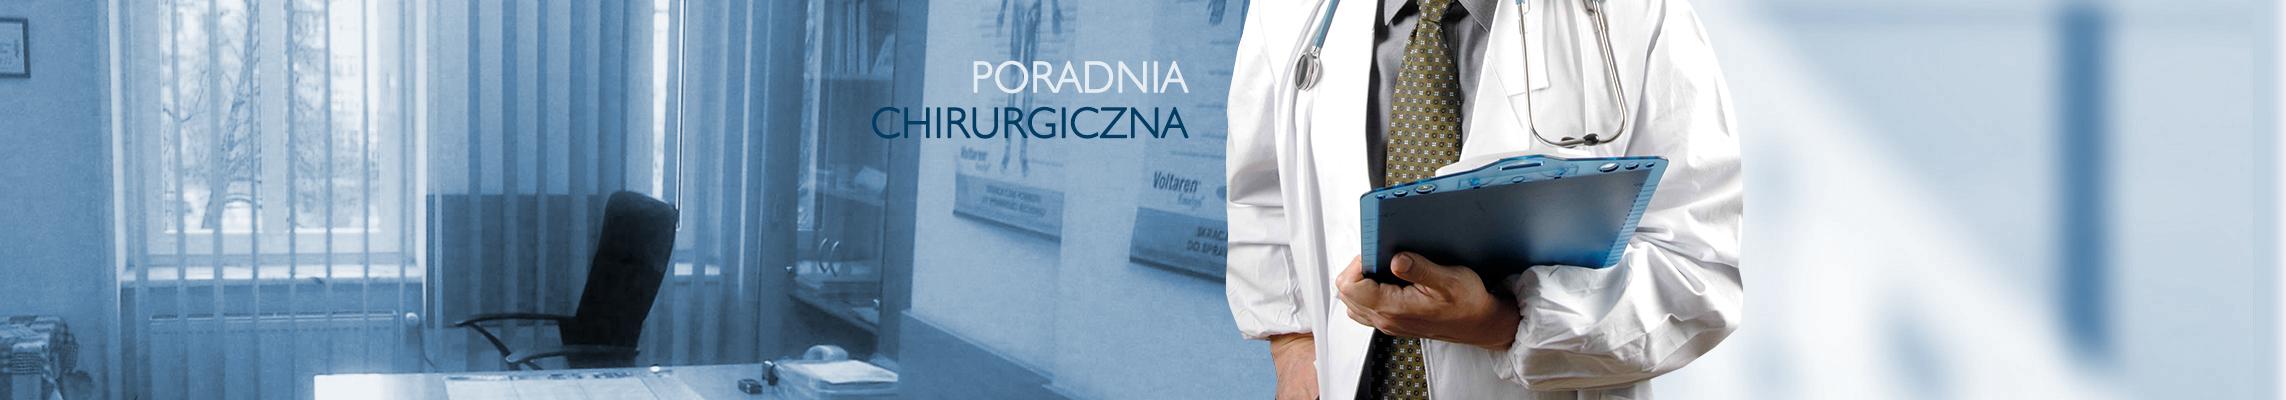 chirurgiczna